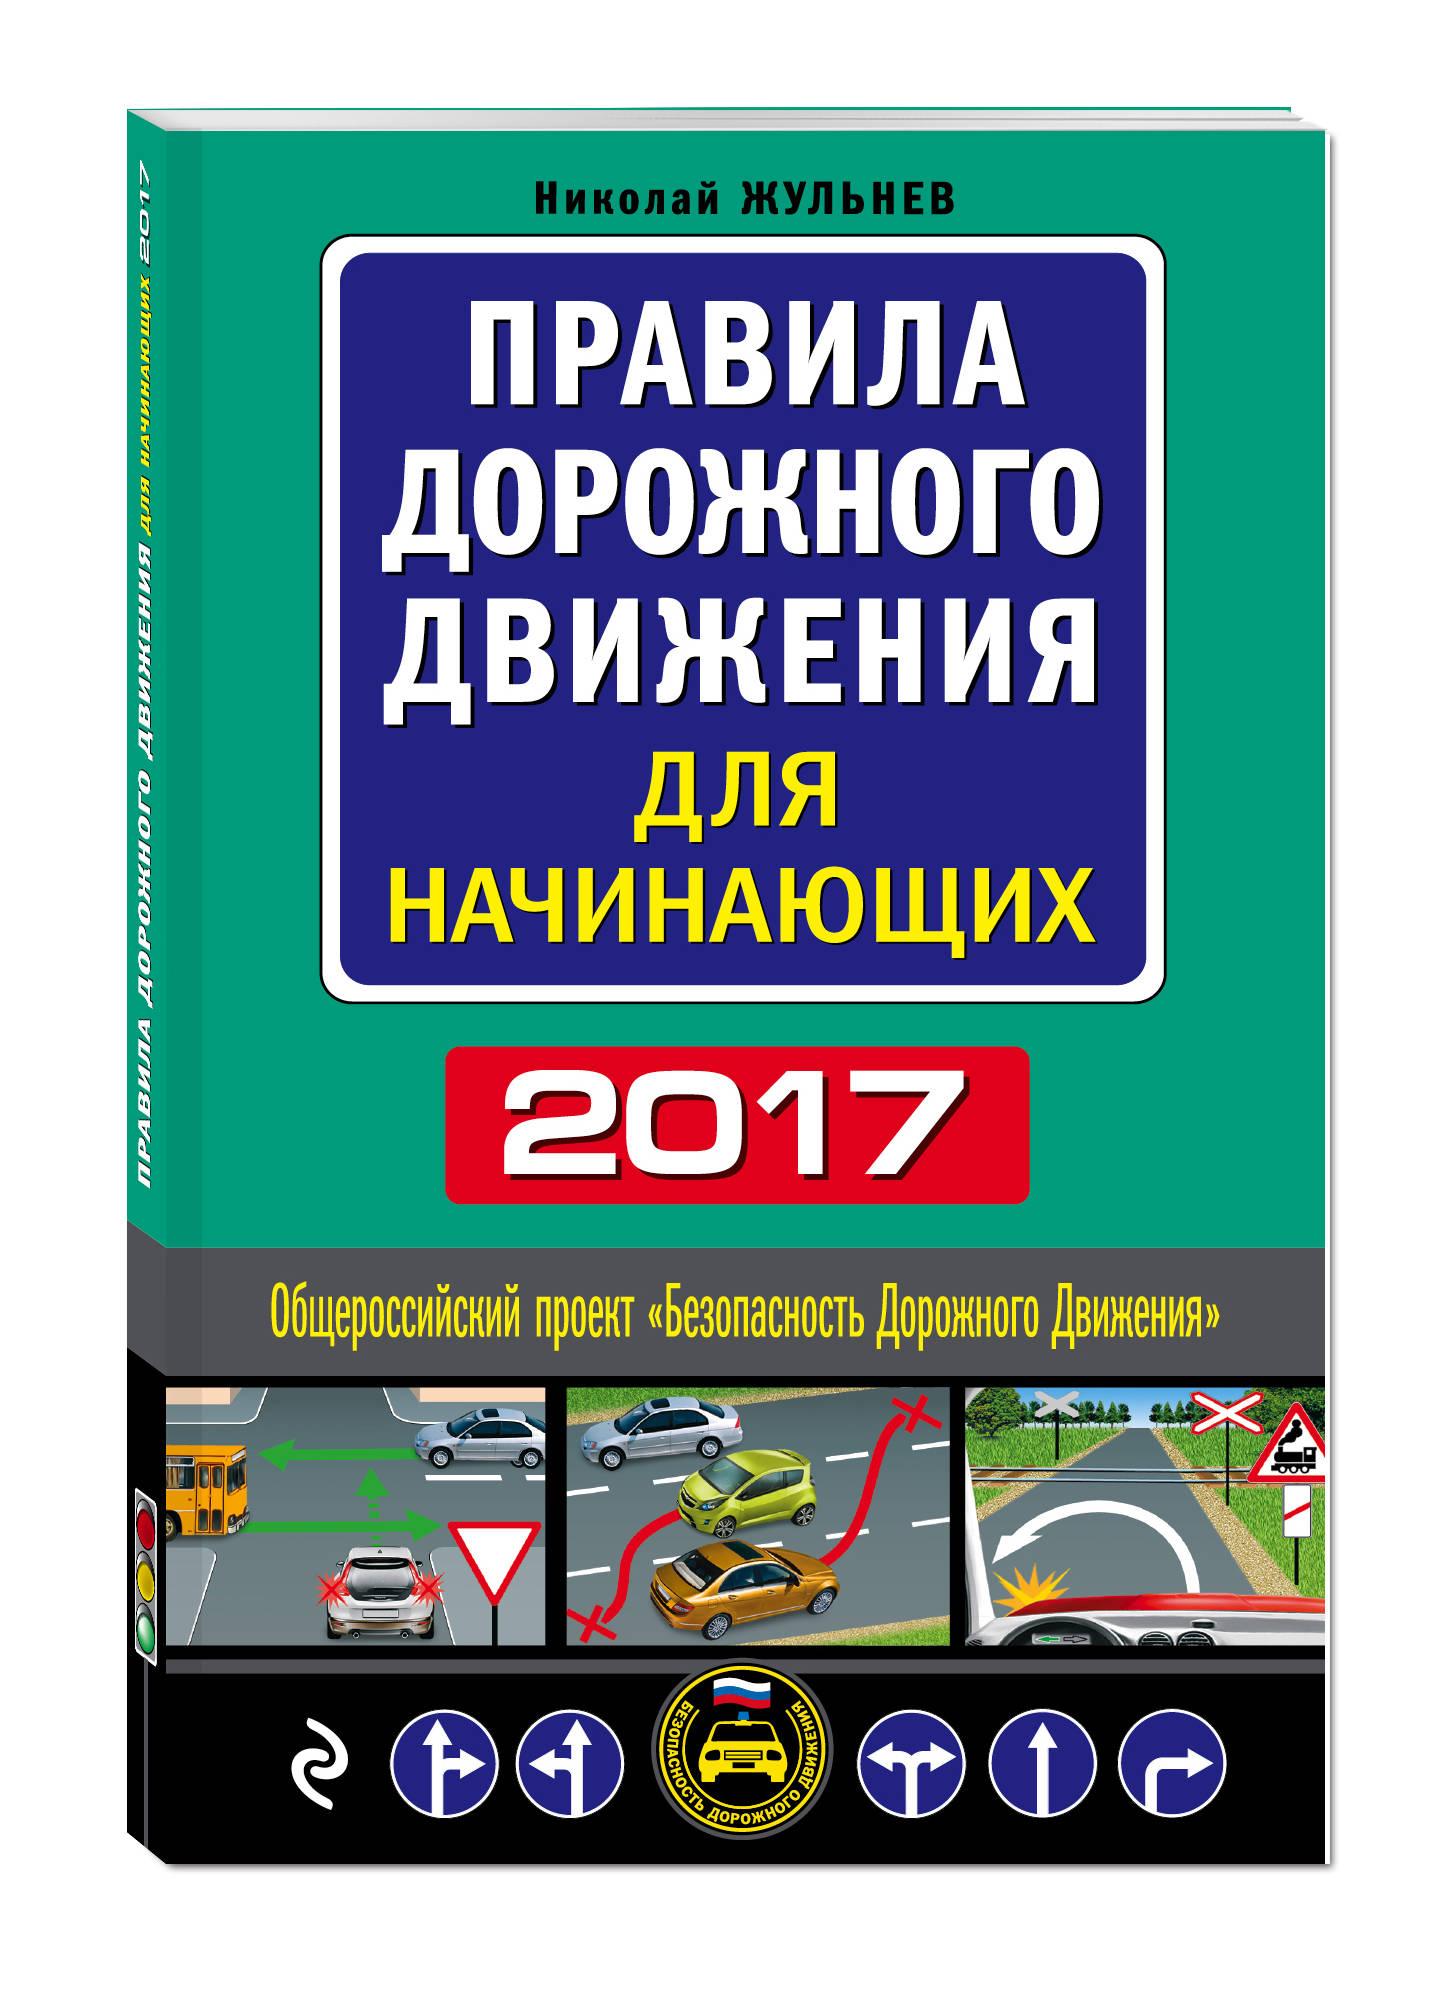 Жульнев Н. Правила дорожного движения для начинающих с изм. на 2017 плакаты и макеты по правилам дорожного движения где купить в спб